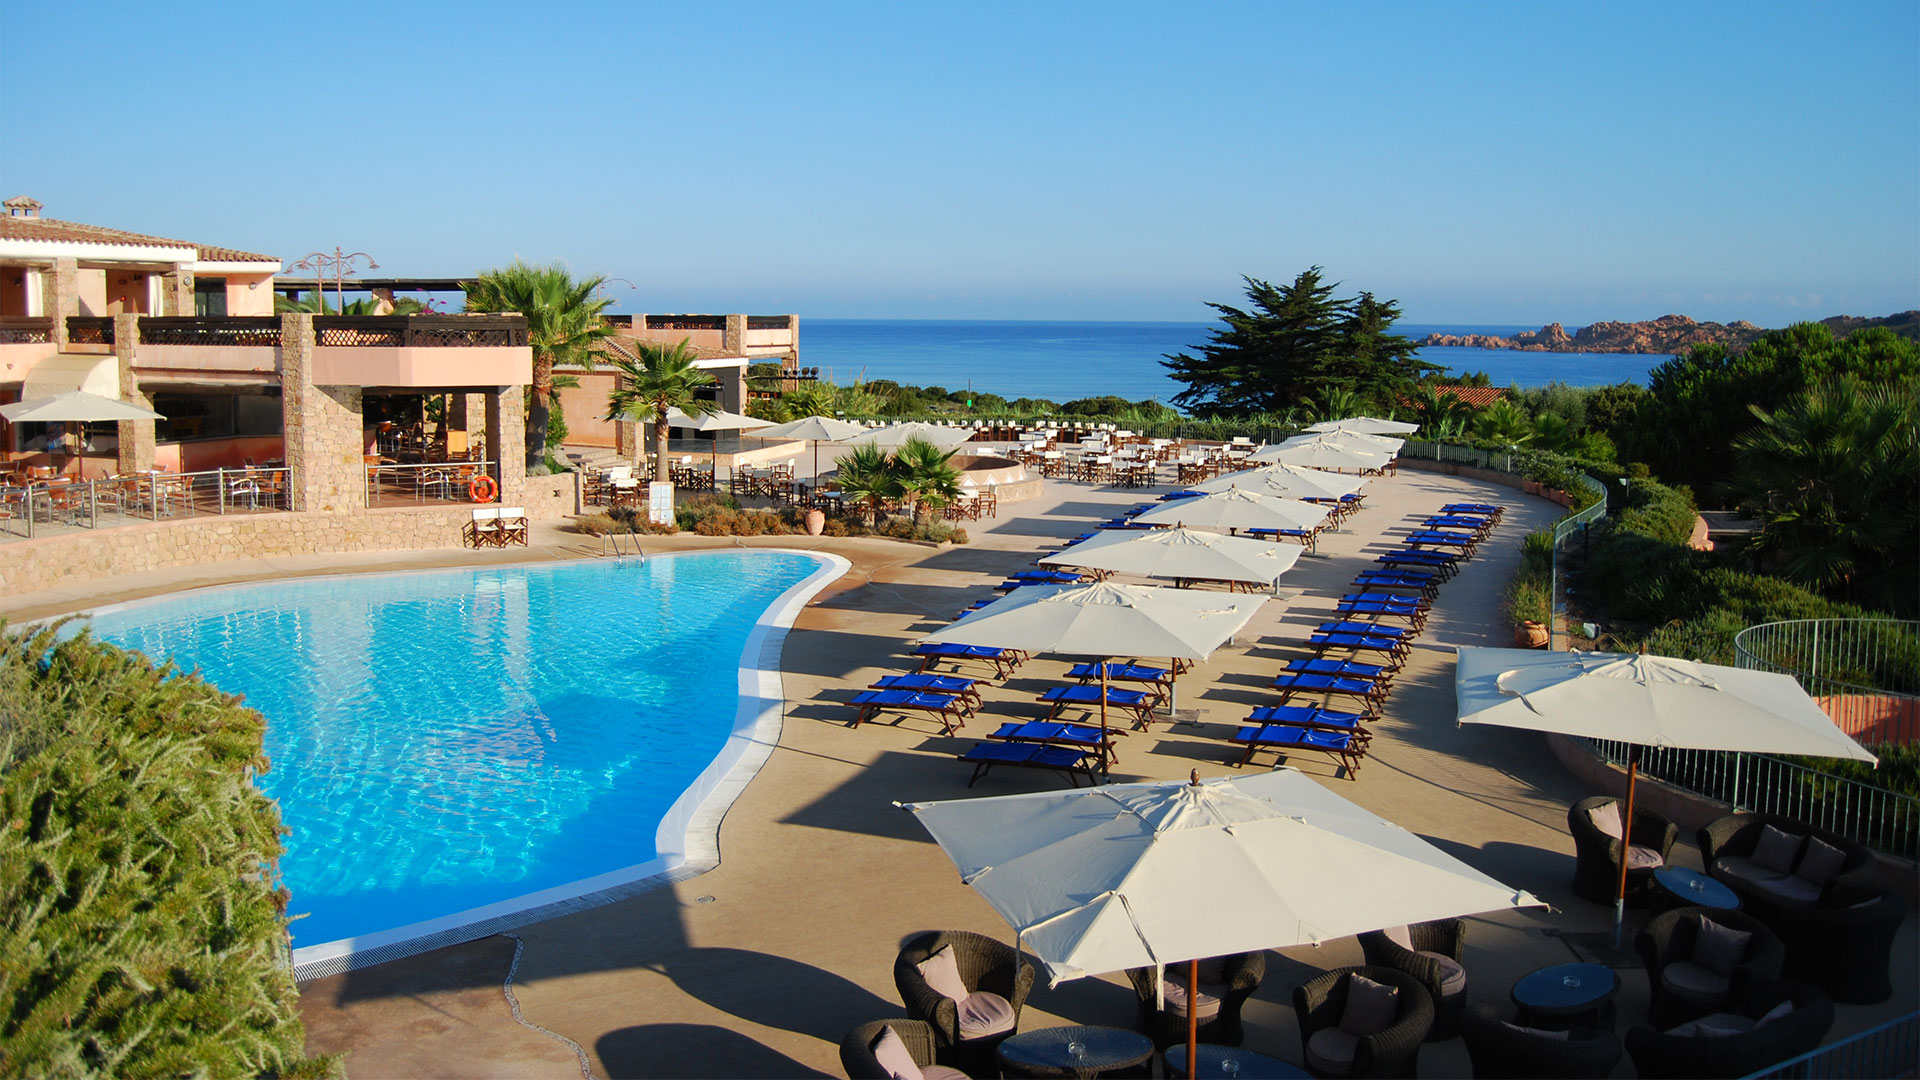 hotel-marinedda-slider-servizi-piscina-sardegna-mare-isola-rossa-3